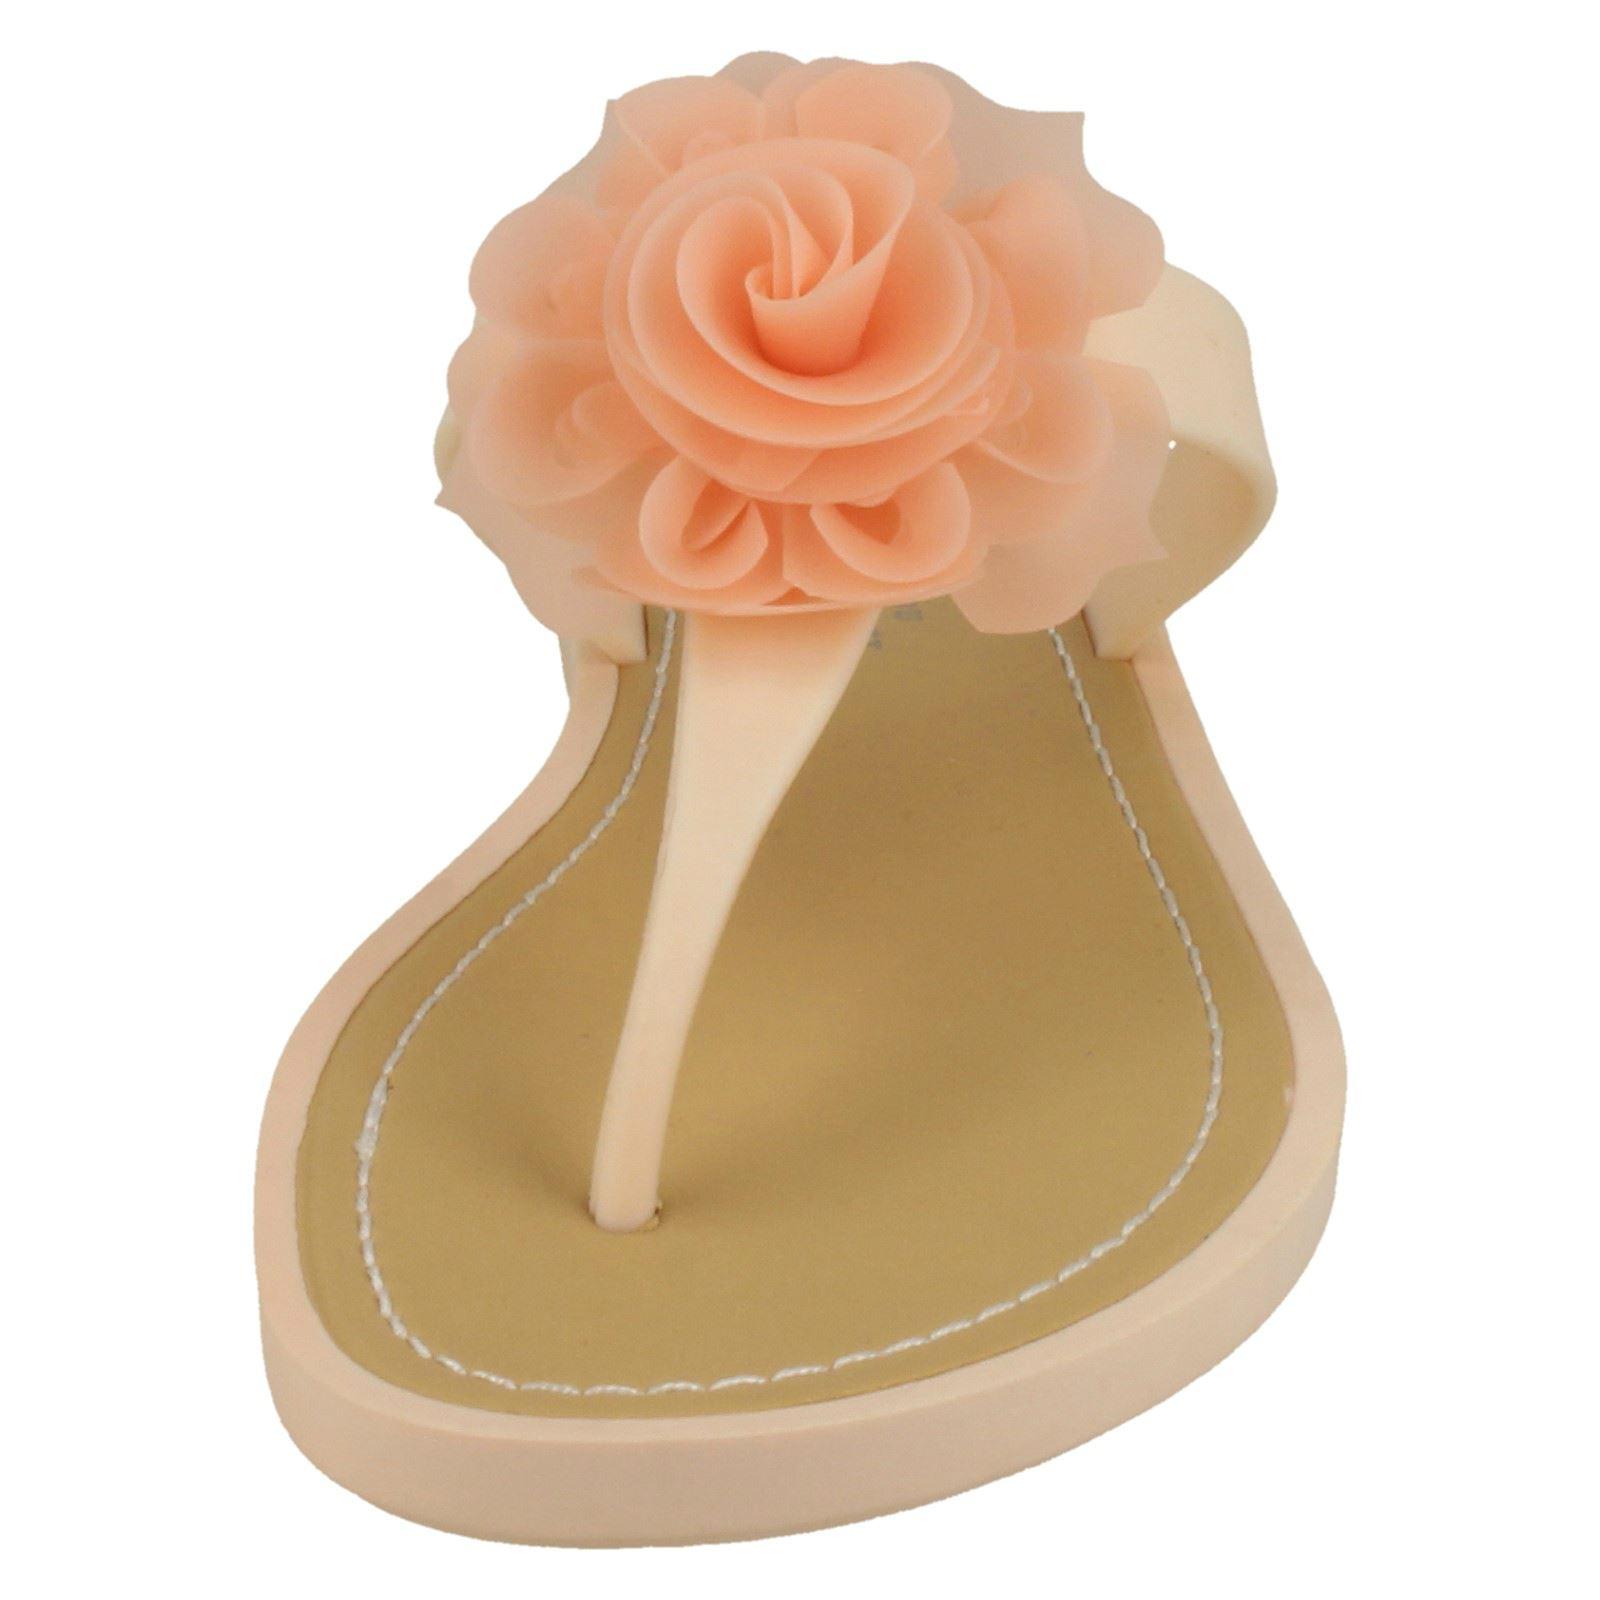 Damas Savannah Sandalias Planas Toepost rosa trim